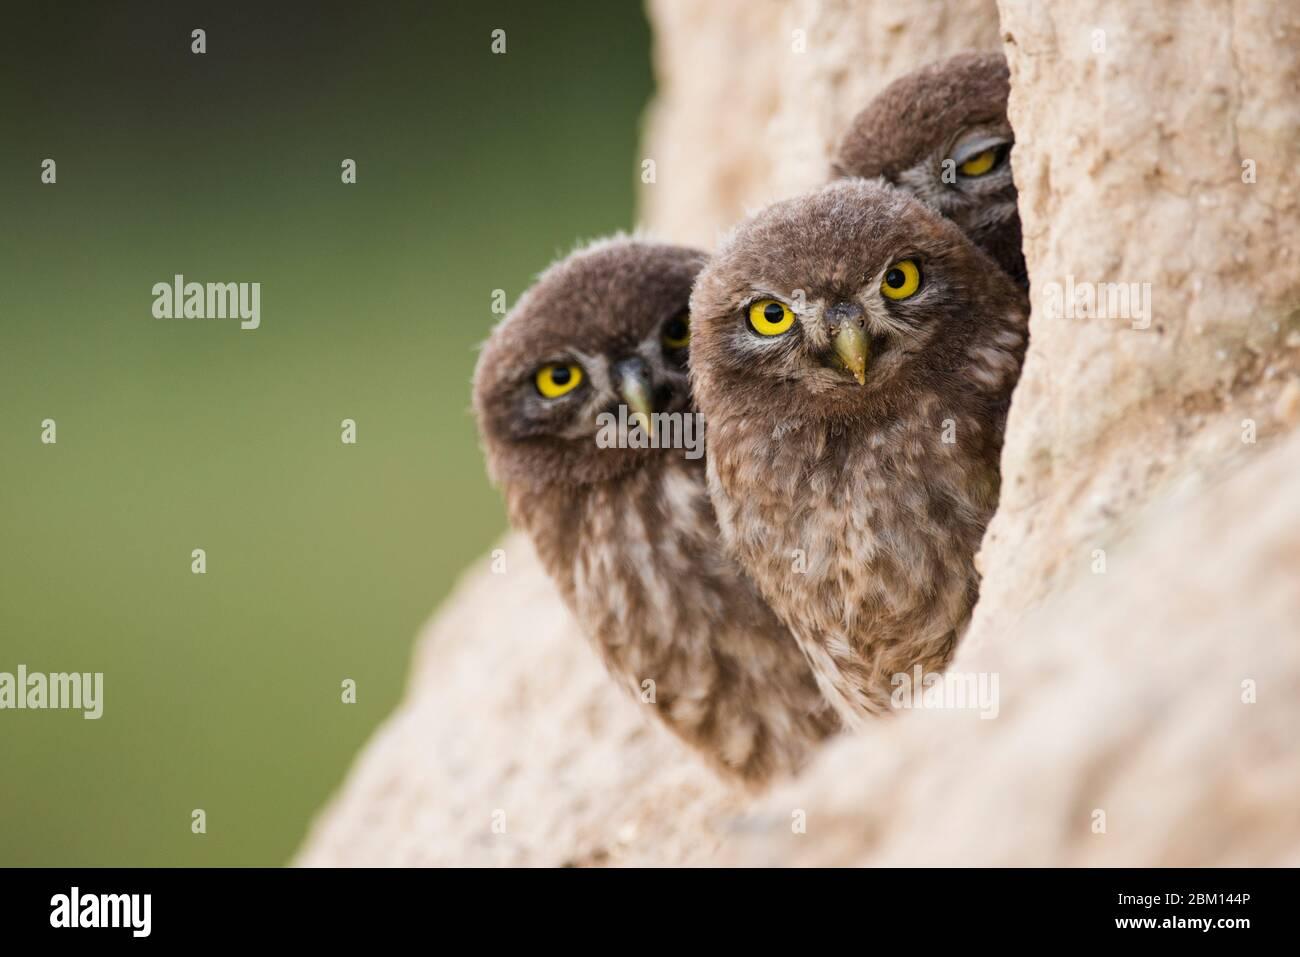 Tres pequeños lechuzas pisoteando de su agujero, y mirando la cámara. Foto de stock